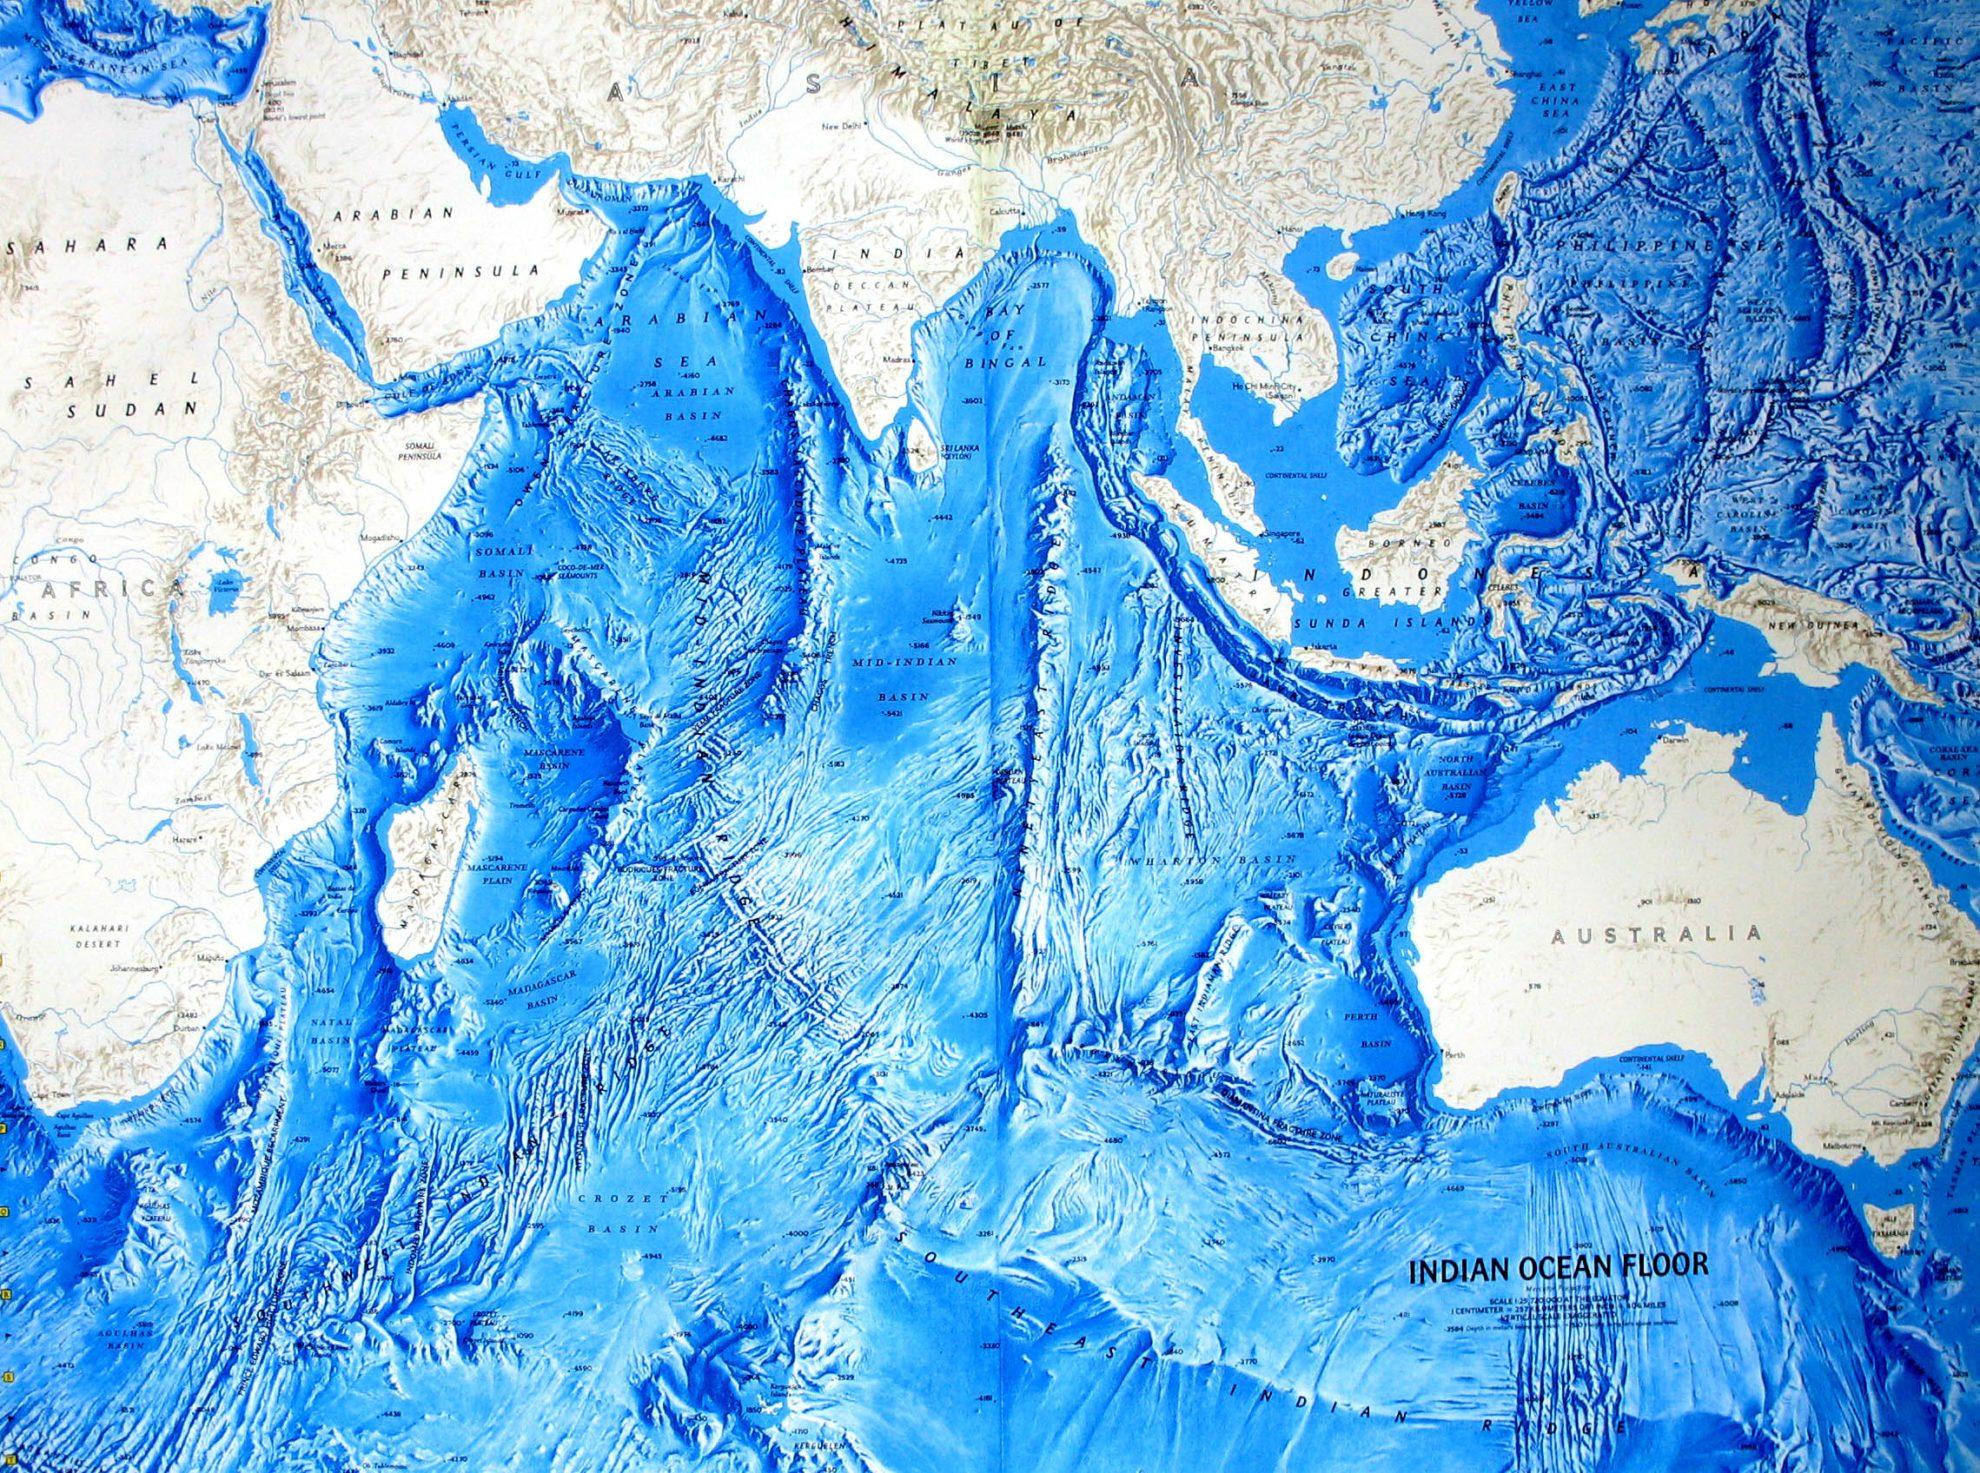 Чем отличается море от океана: площадь, соленость, качество дна, флора и фауна, система течений